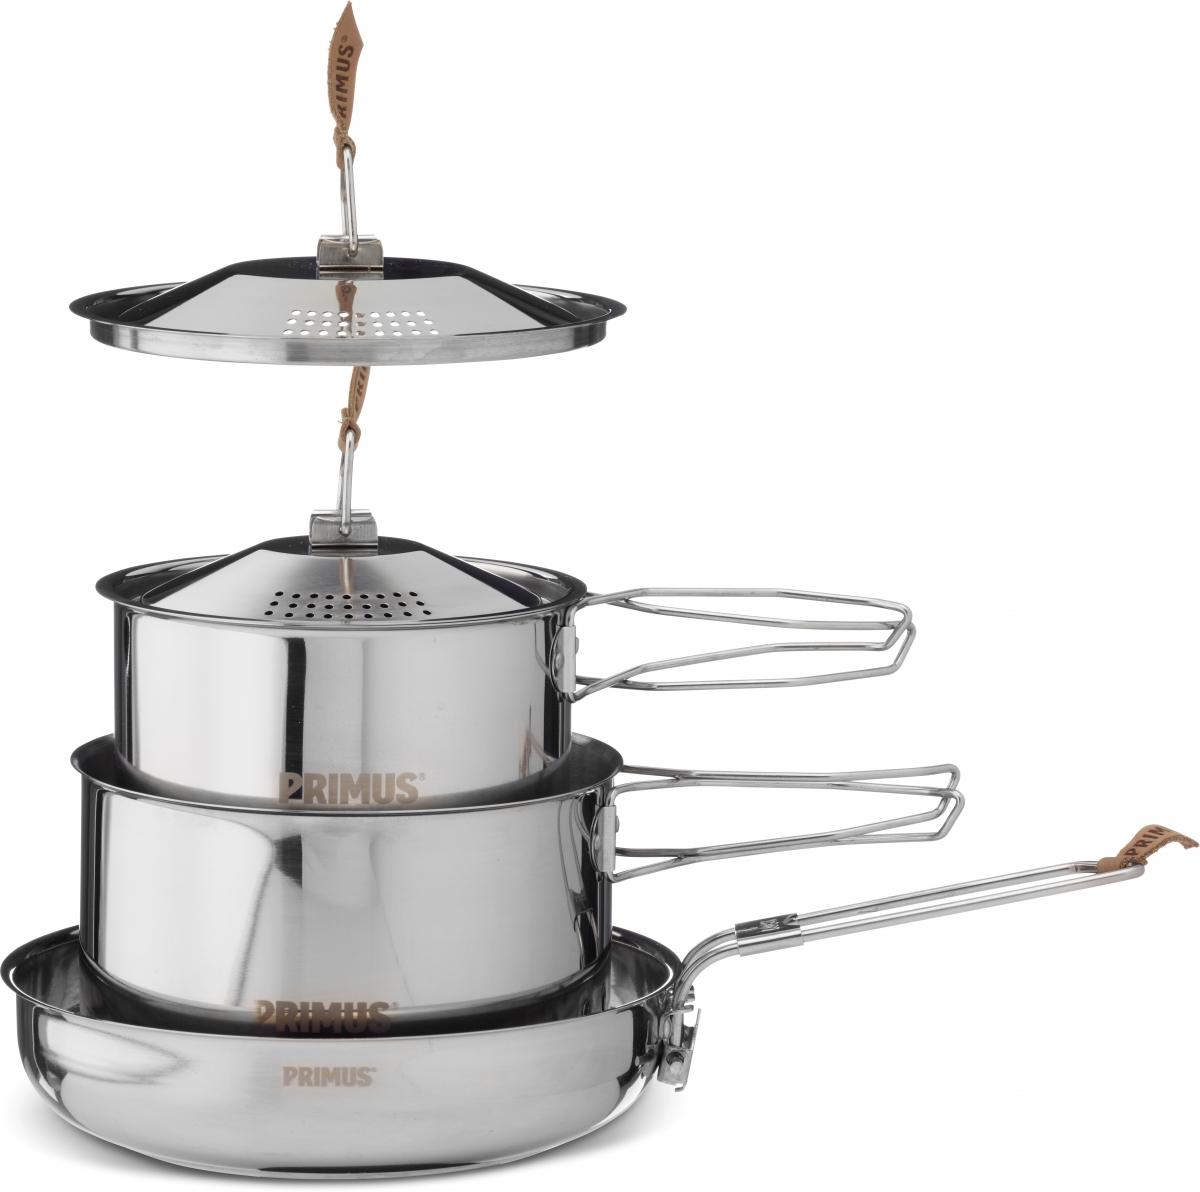 Набор посуды Primus CampFire Cookset S, цвет: серый1529Прочная нержавеющая сталь на долгие годы службы. Набор состоит из двух котелков (1,0 и 1,8 л) с крышками и сковорода. Сковорода имеет складную ручку и алюминиевое дно для равномерного распределения тепла. В комплект входит сумка для хранения.